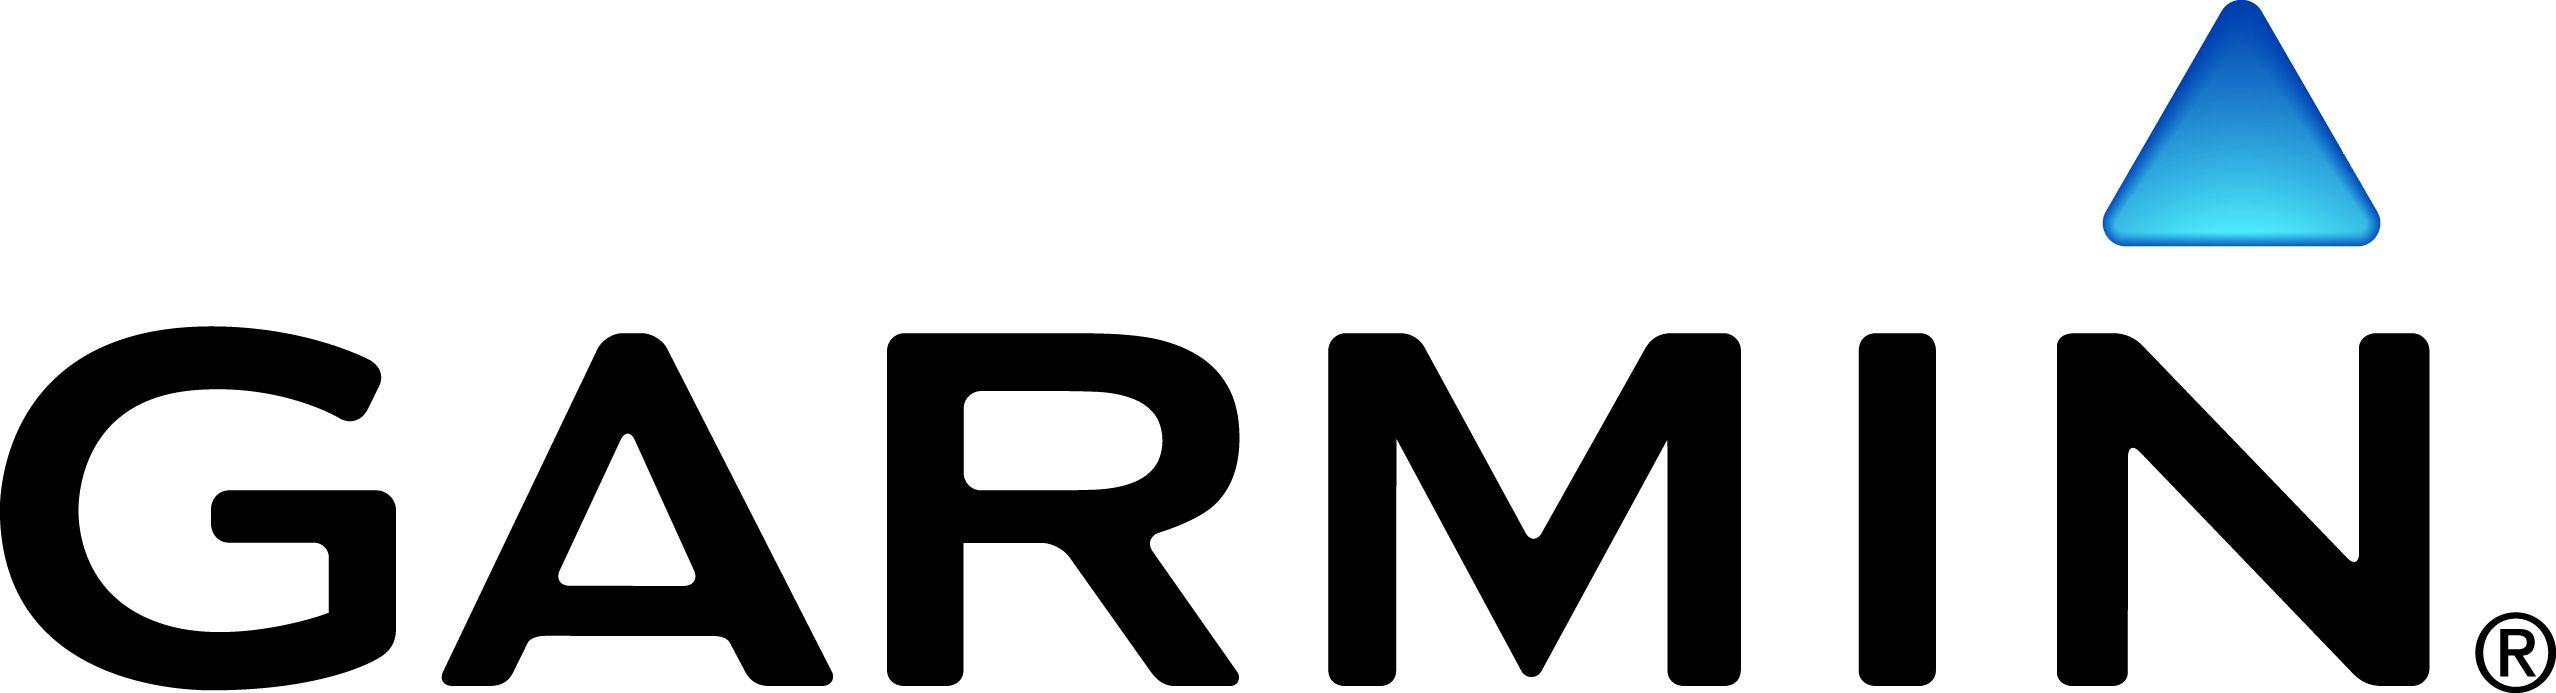 Garmin ist der Hersteller der BlueChart Karten